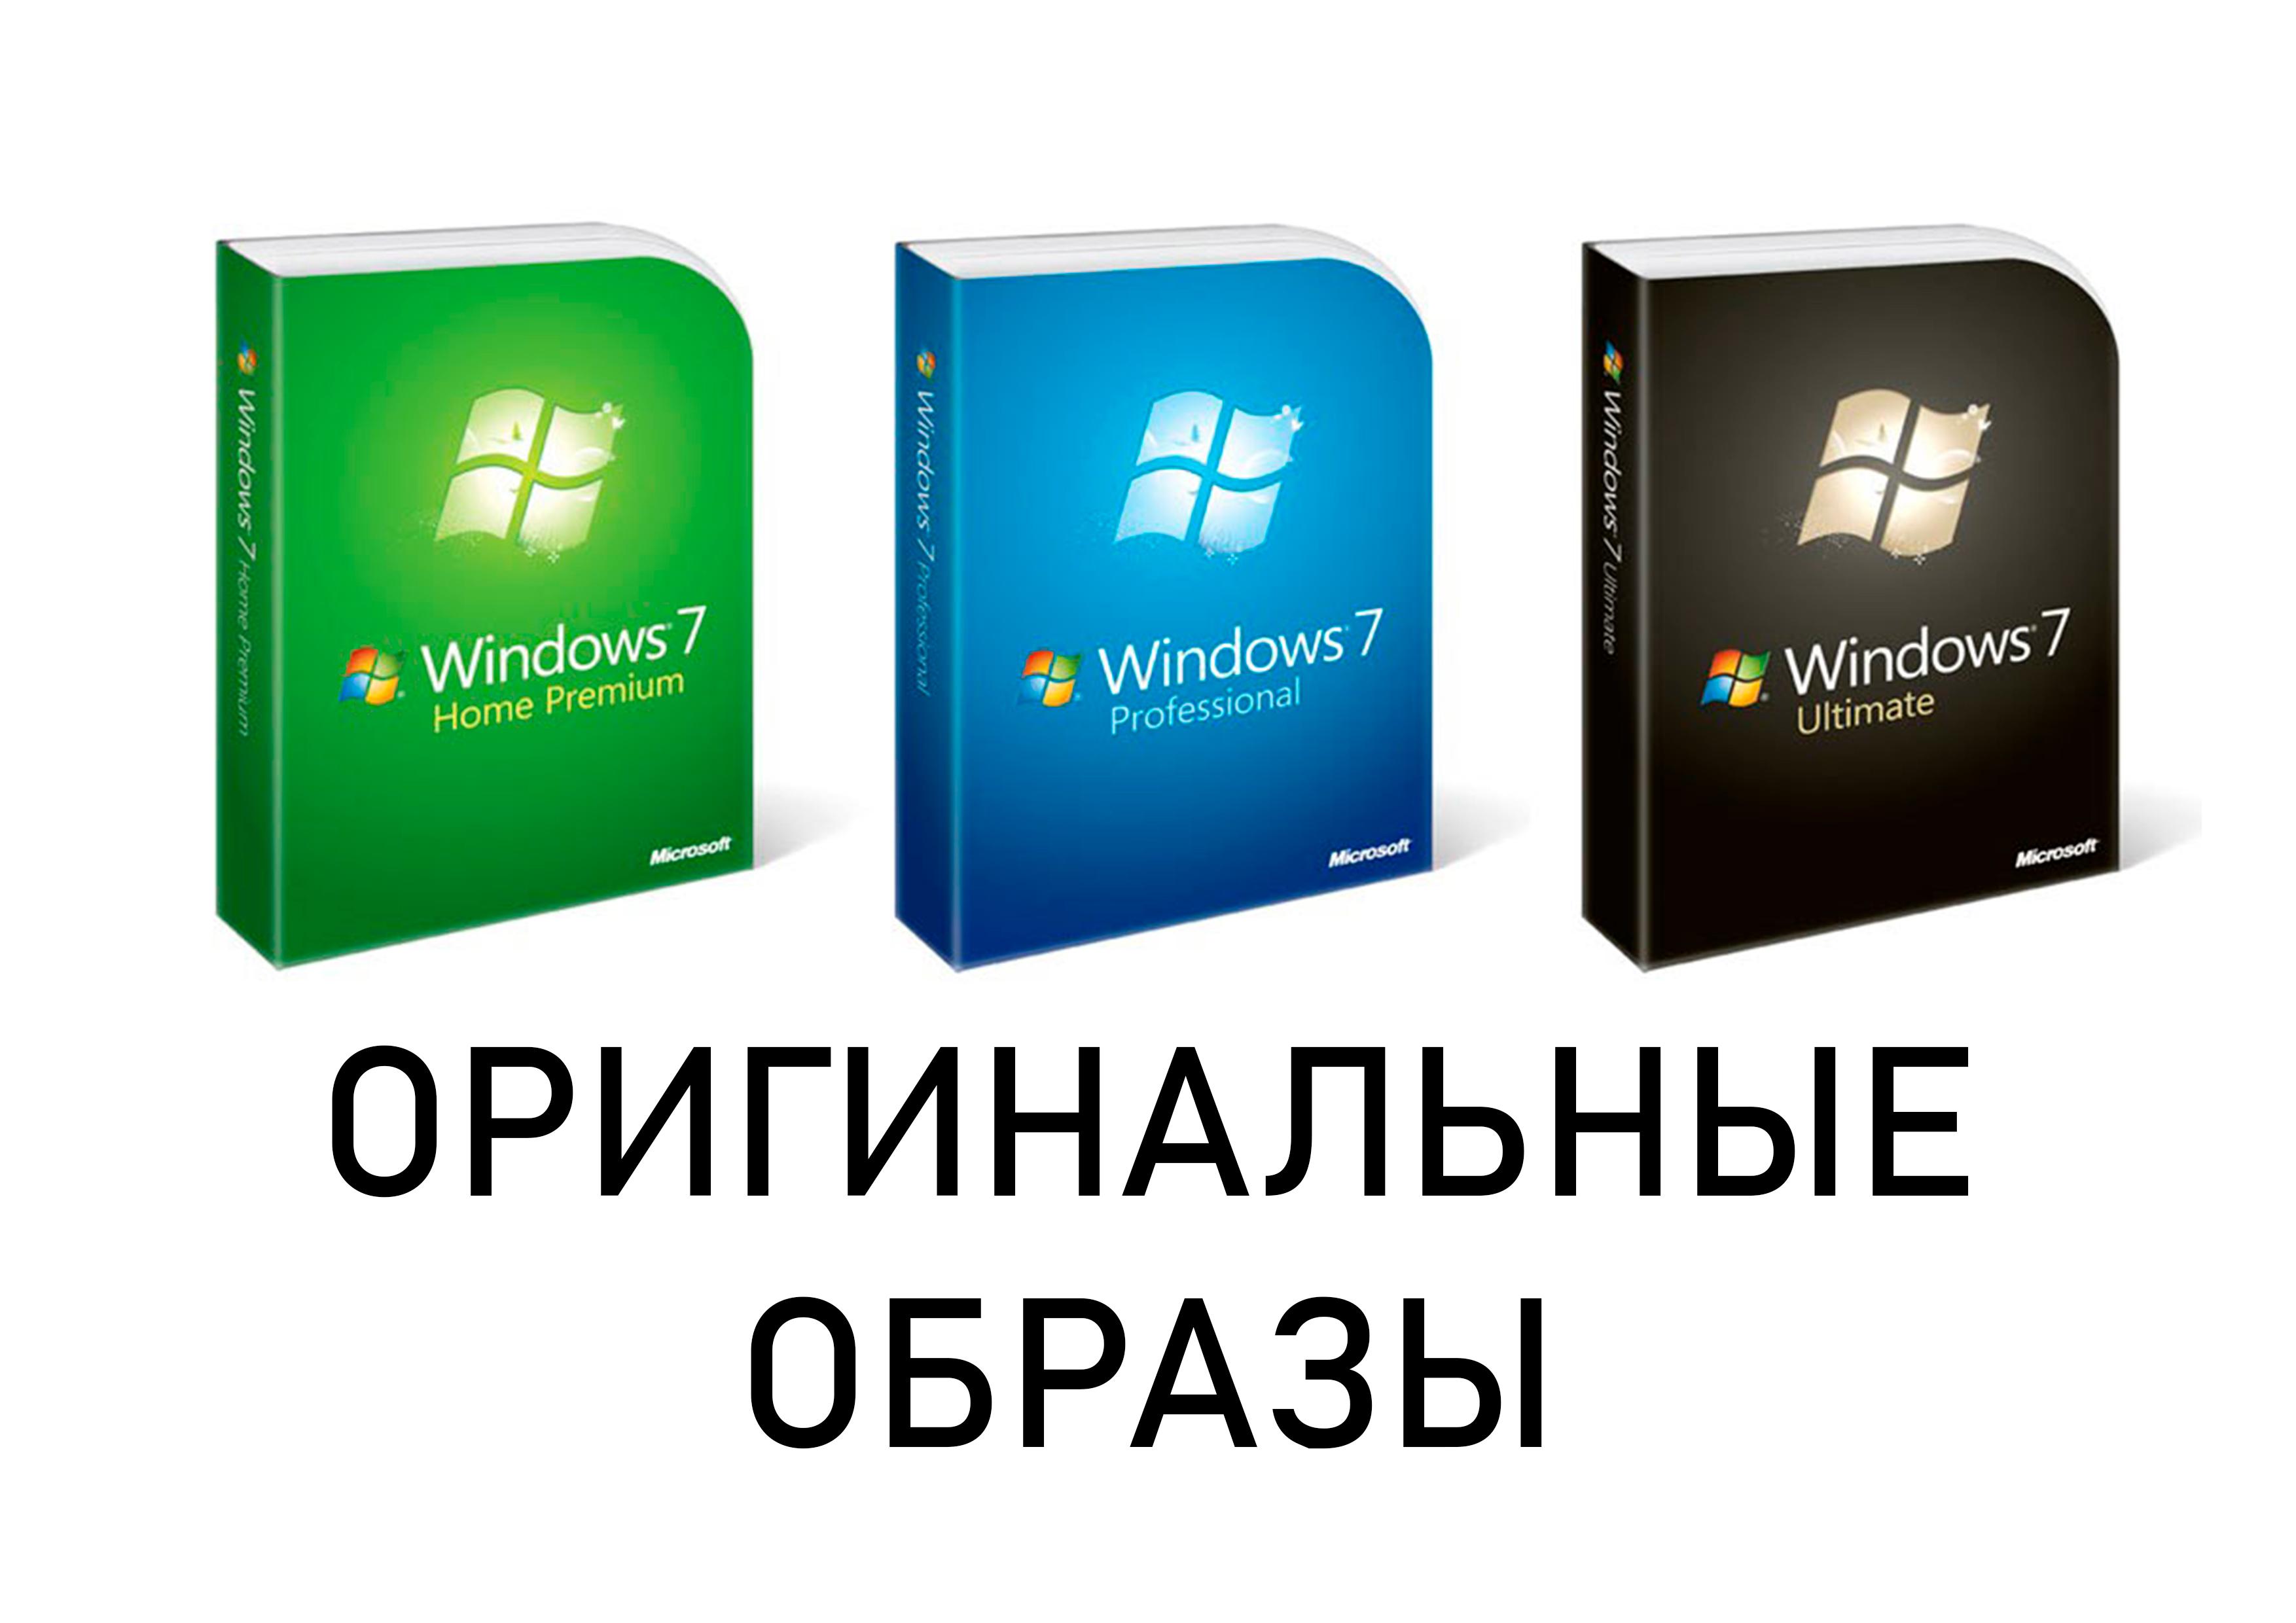 Скачать оригинальные образы Windows 7 (MSDN)